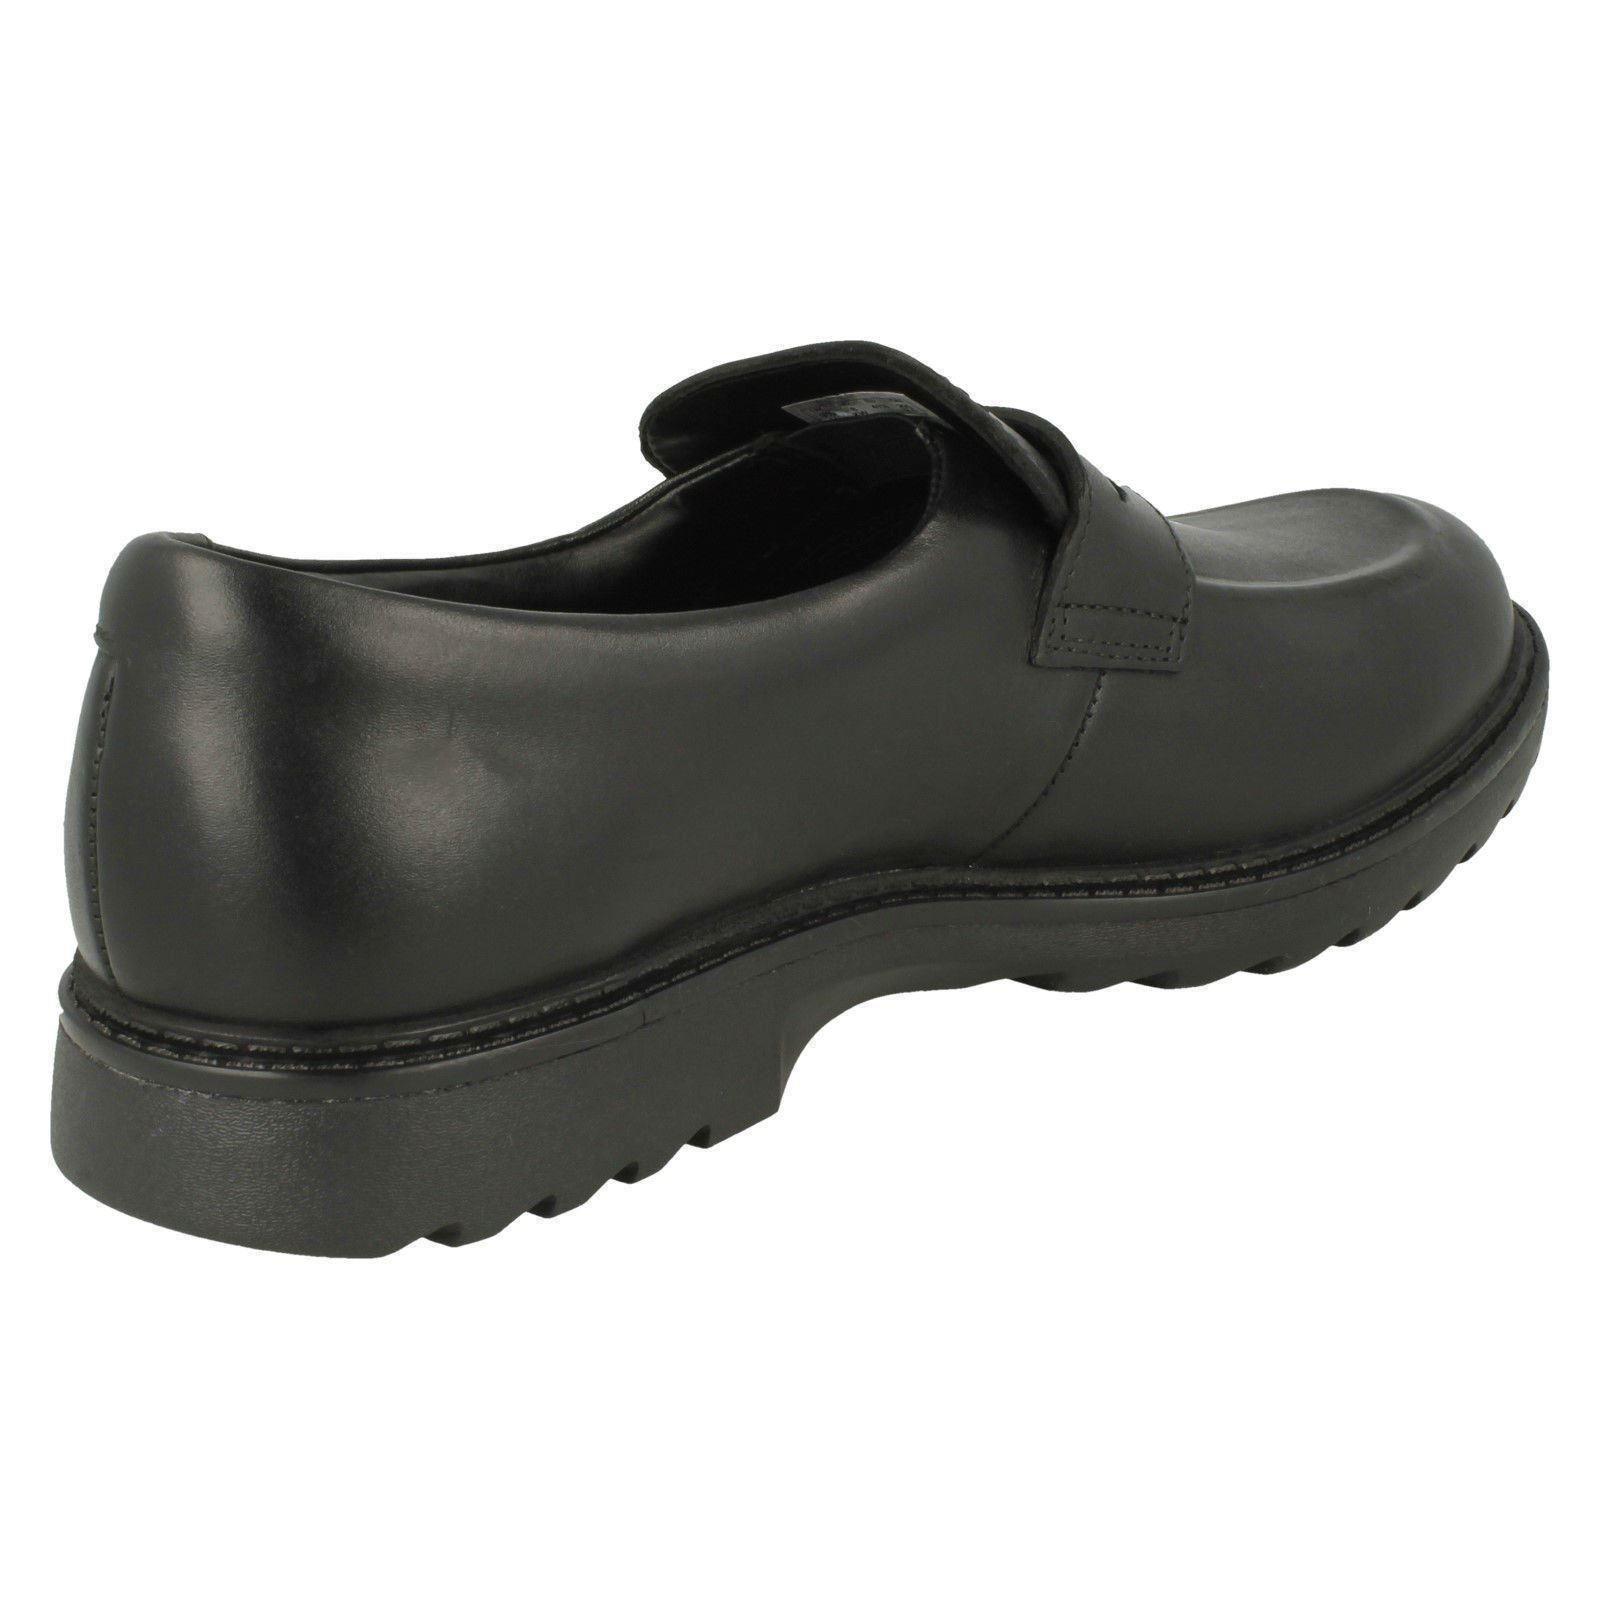 formales se zapatos Stride los Asher Black Boys Clarks deslizan en RnwYnq5